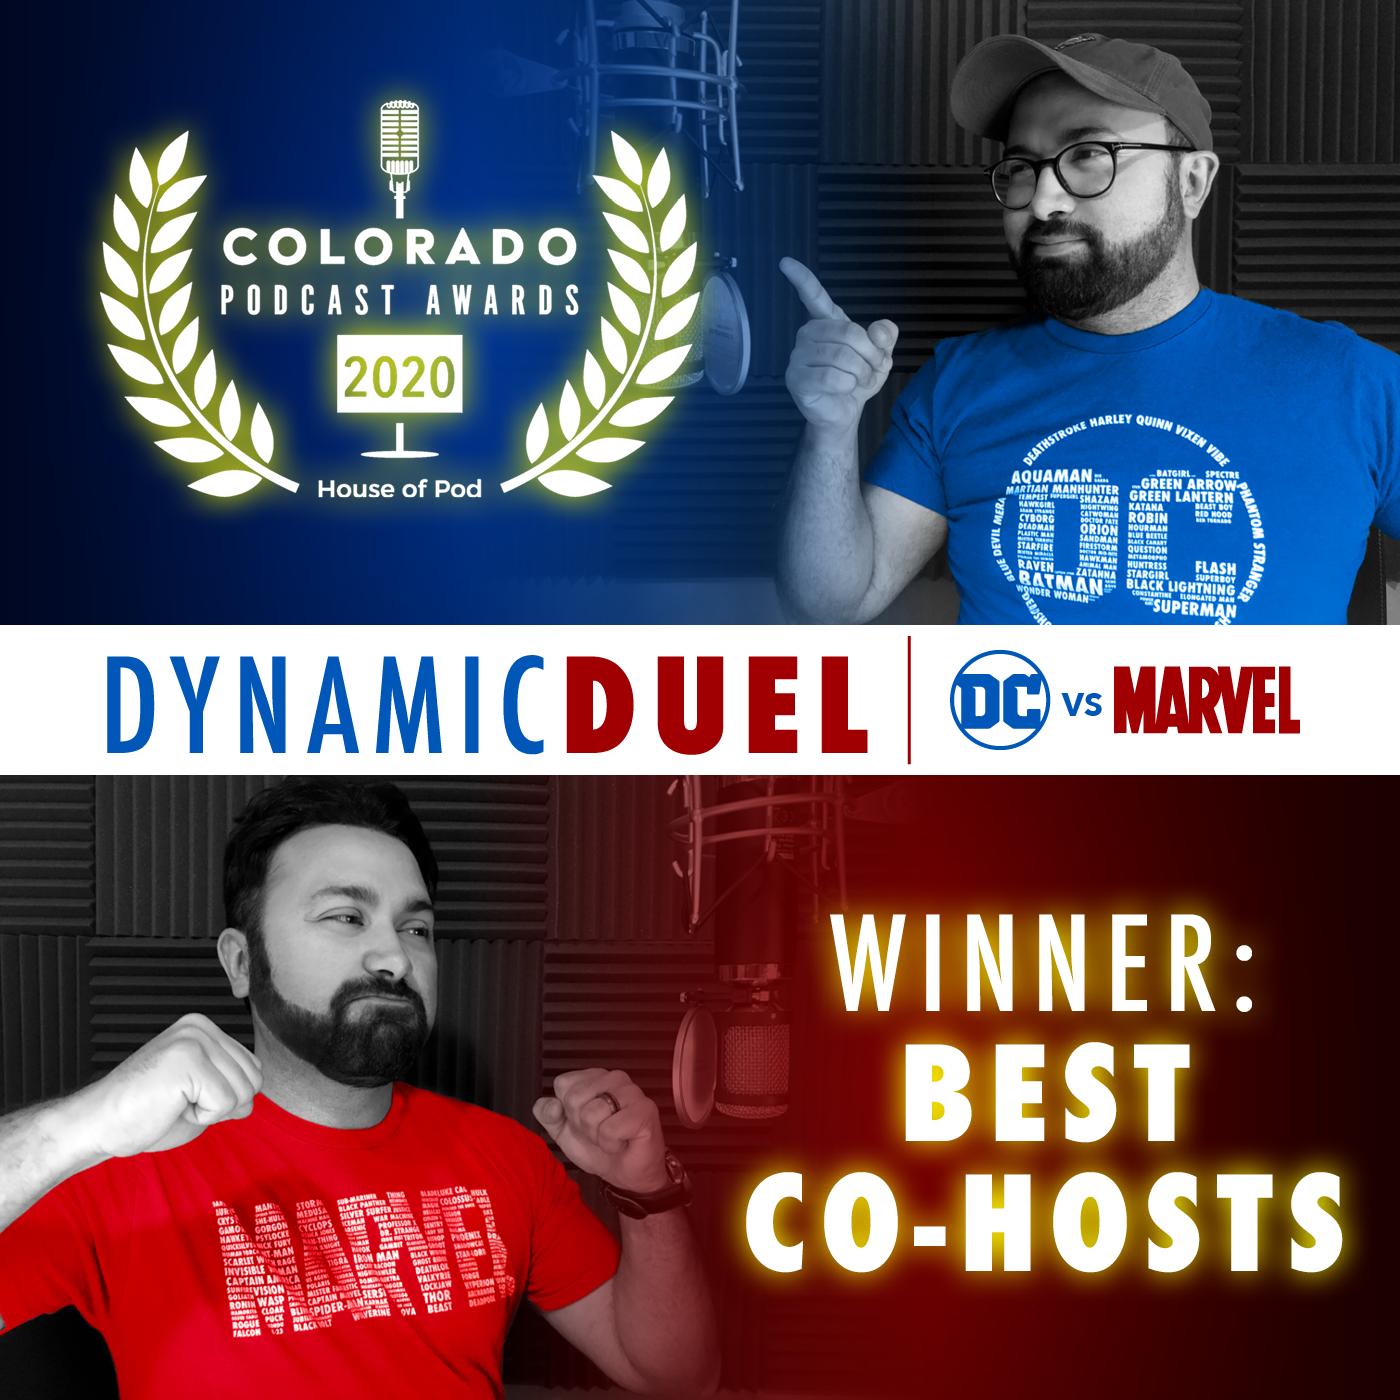 Winner of Best Co-Hosts 2020